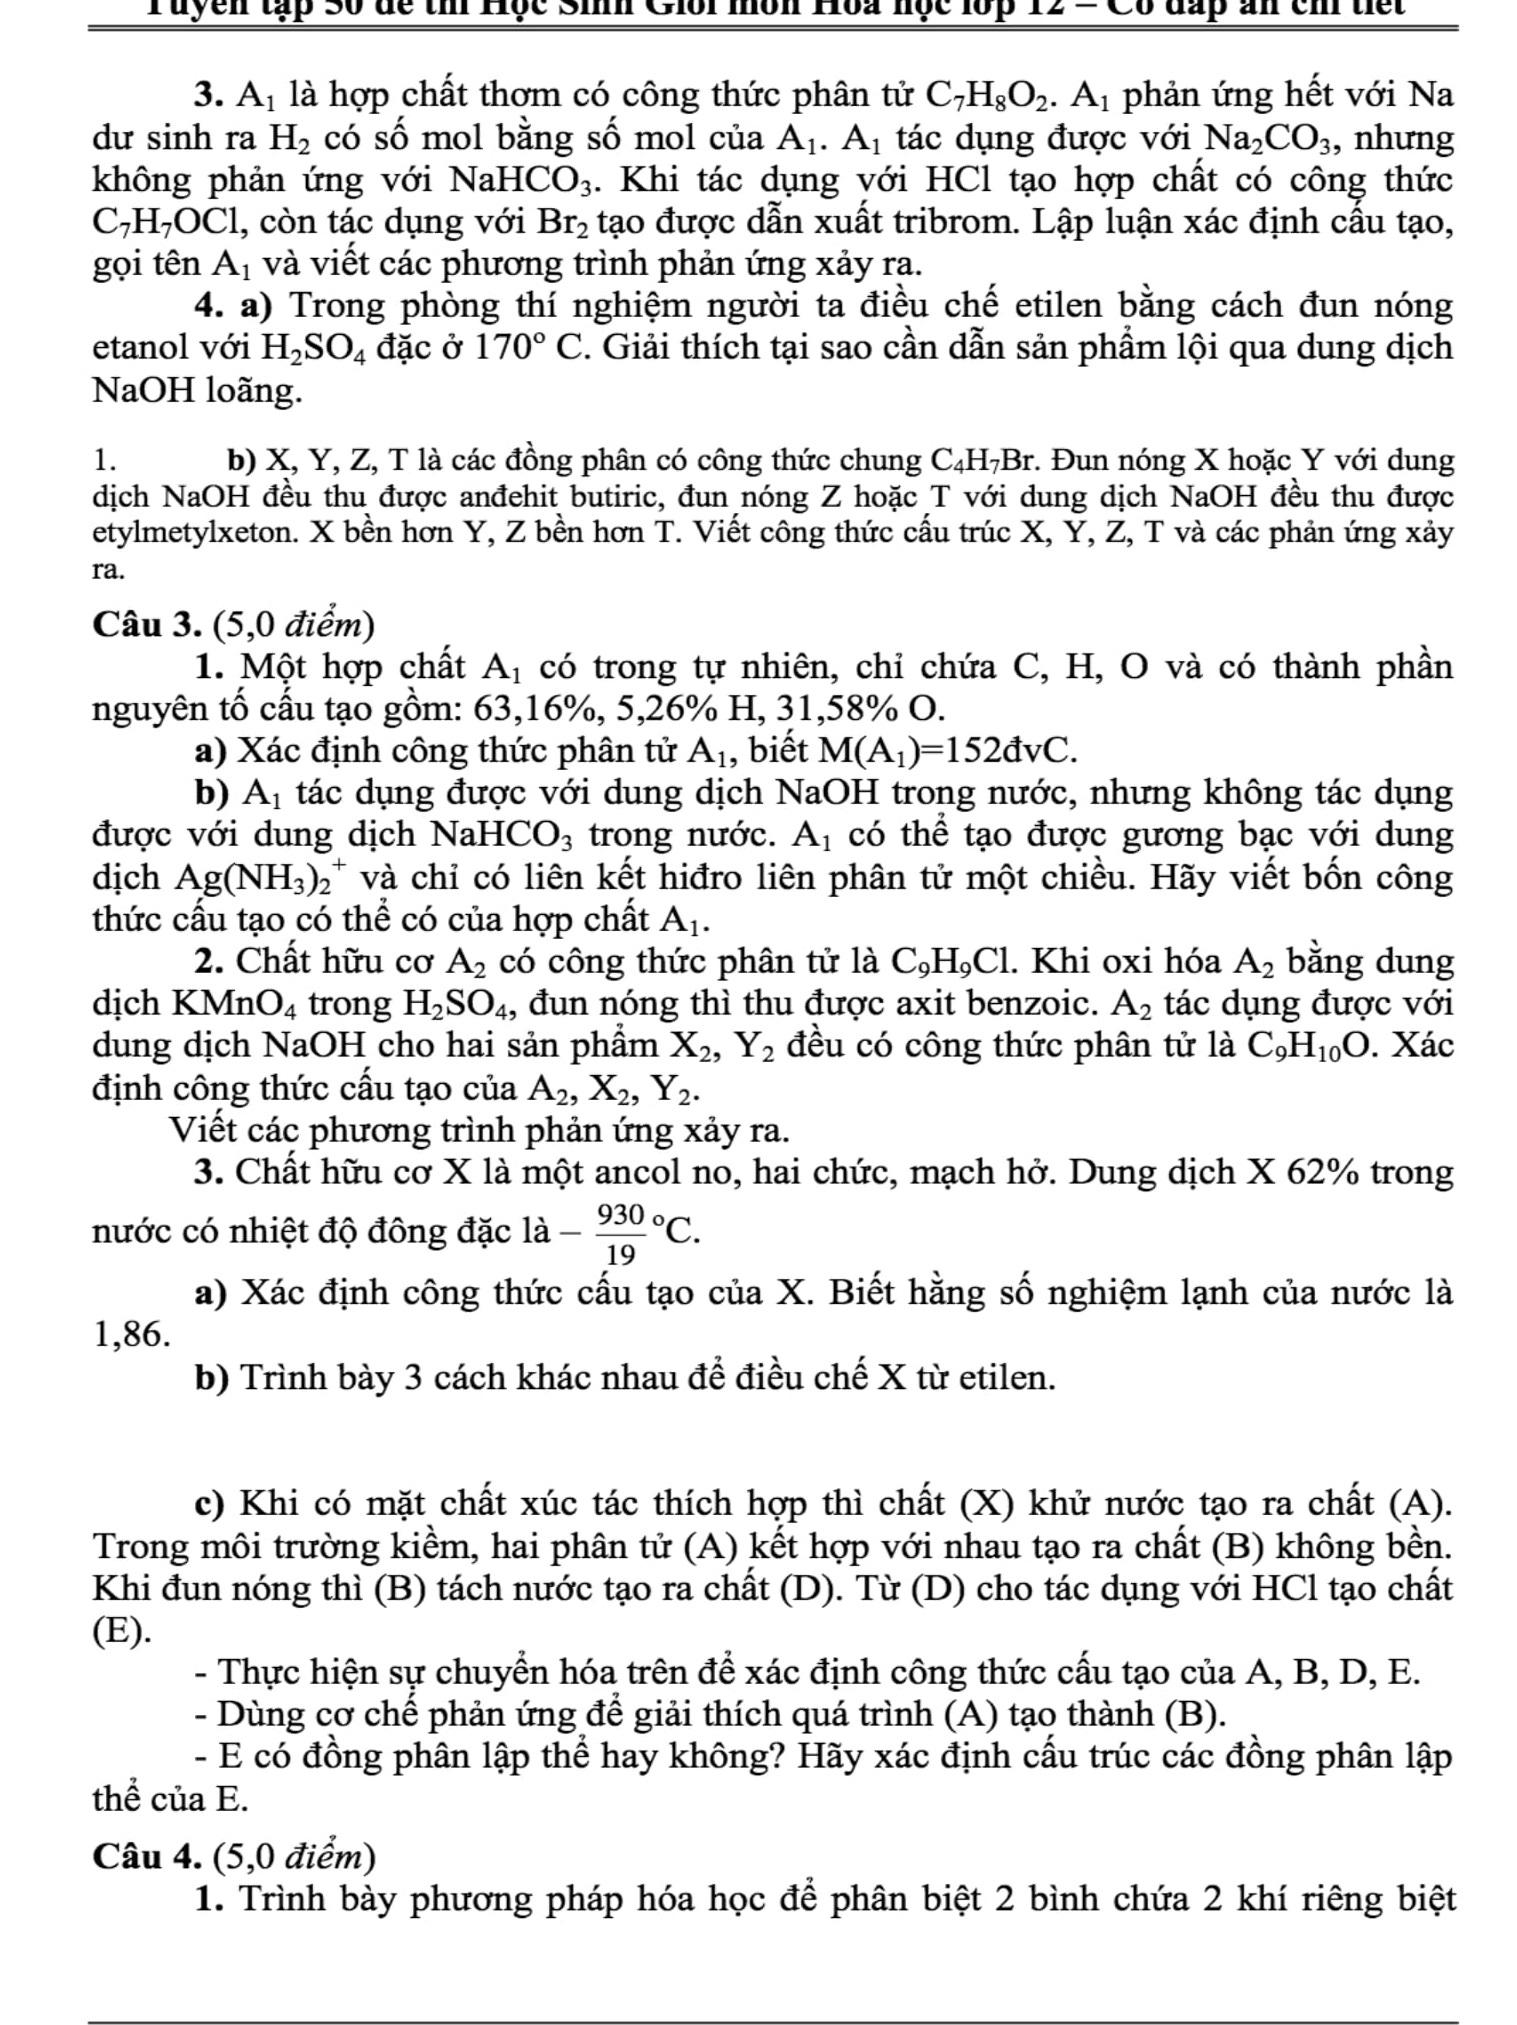 Đáp án và đề thi HSG Hóa học lớp 12 GD&ĐT Quảng Trị 2015-2016